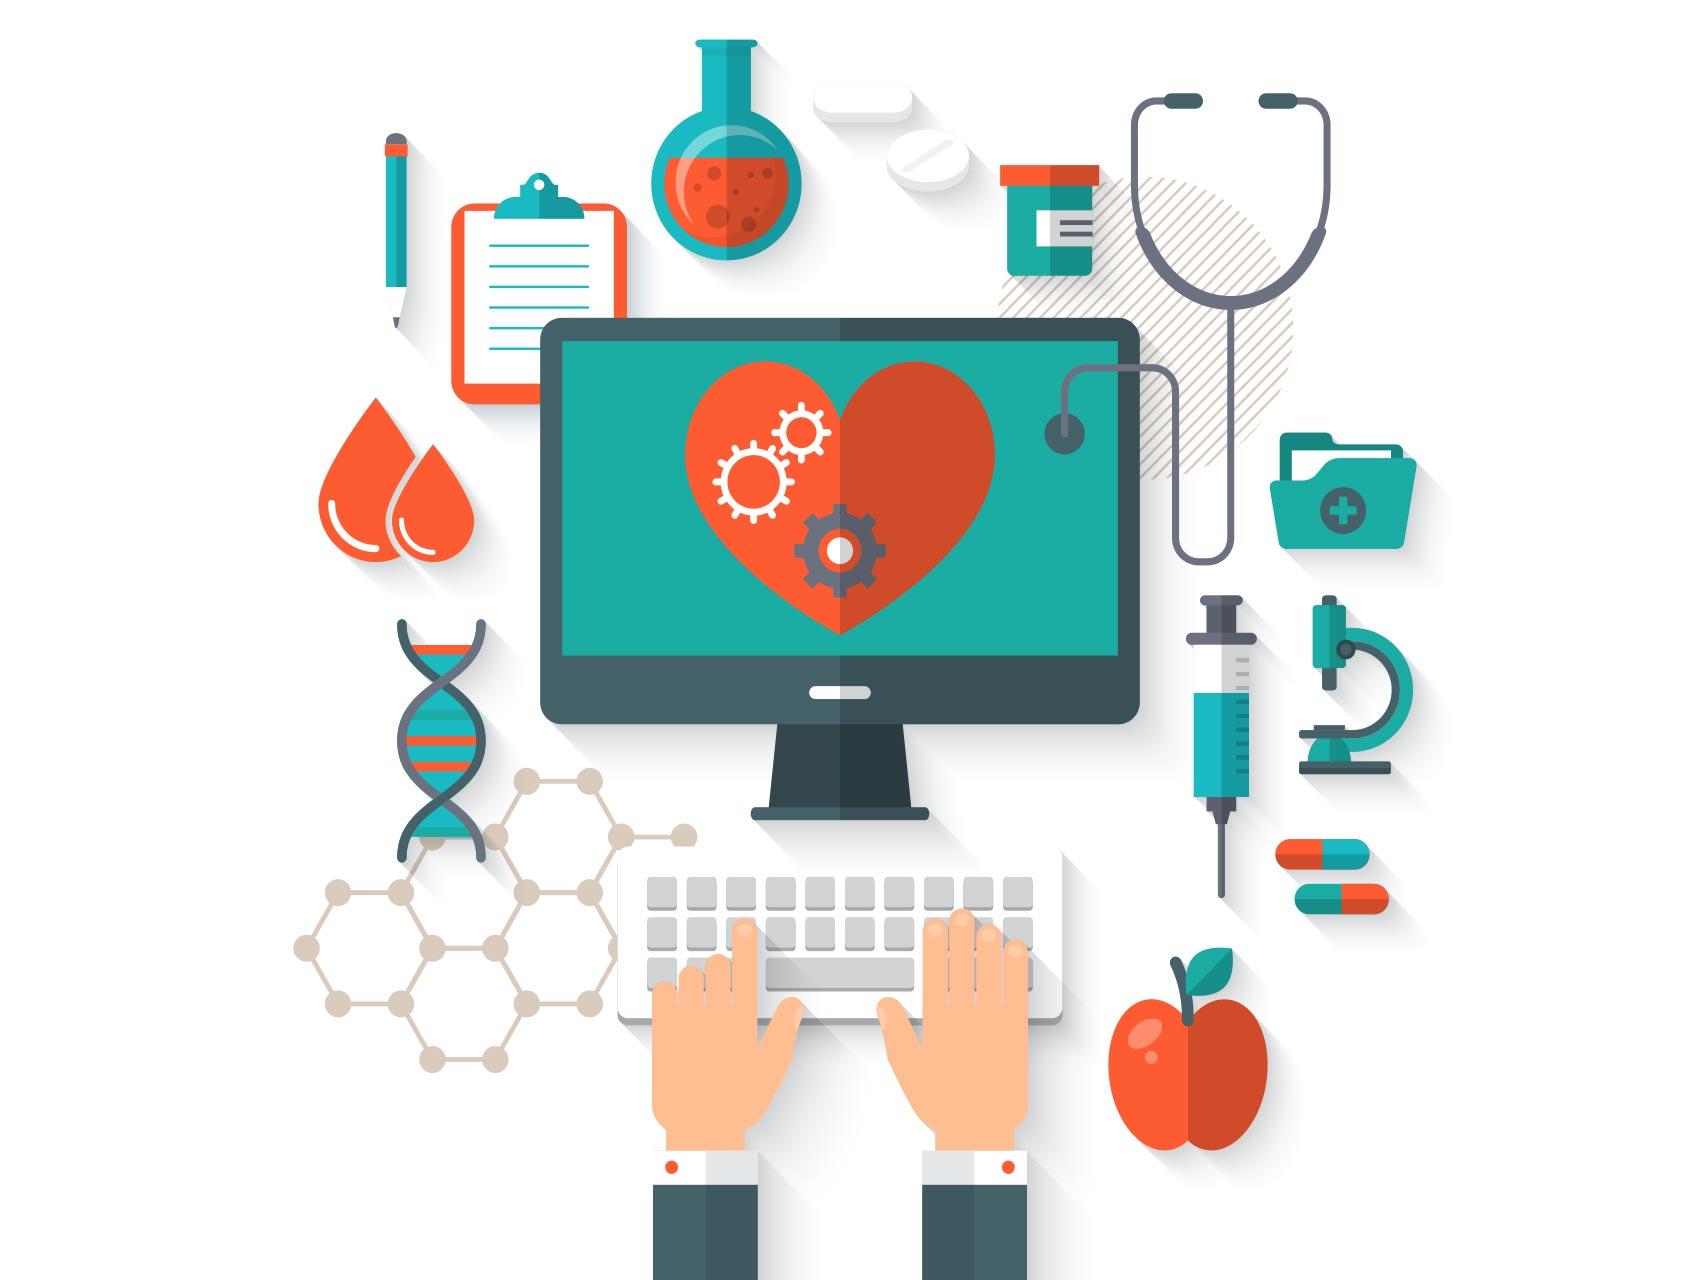 Farmaceutico e parafarmaceutico: perché è allineare marketing e vendite